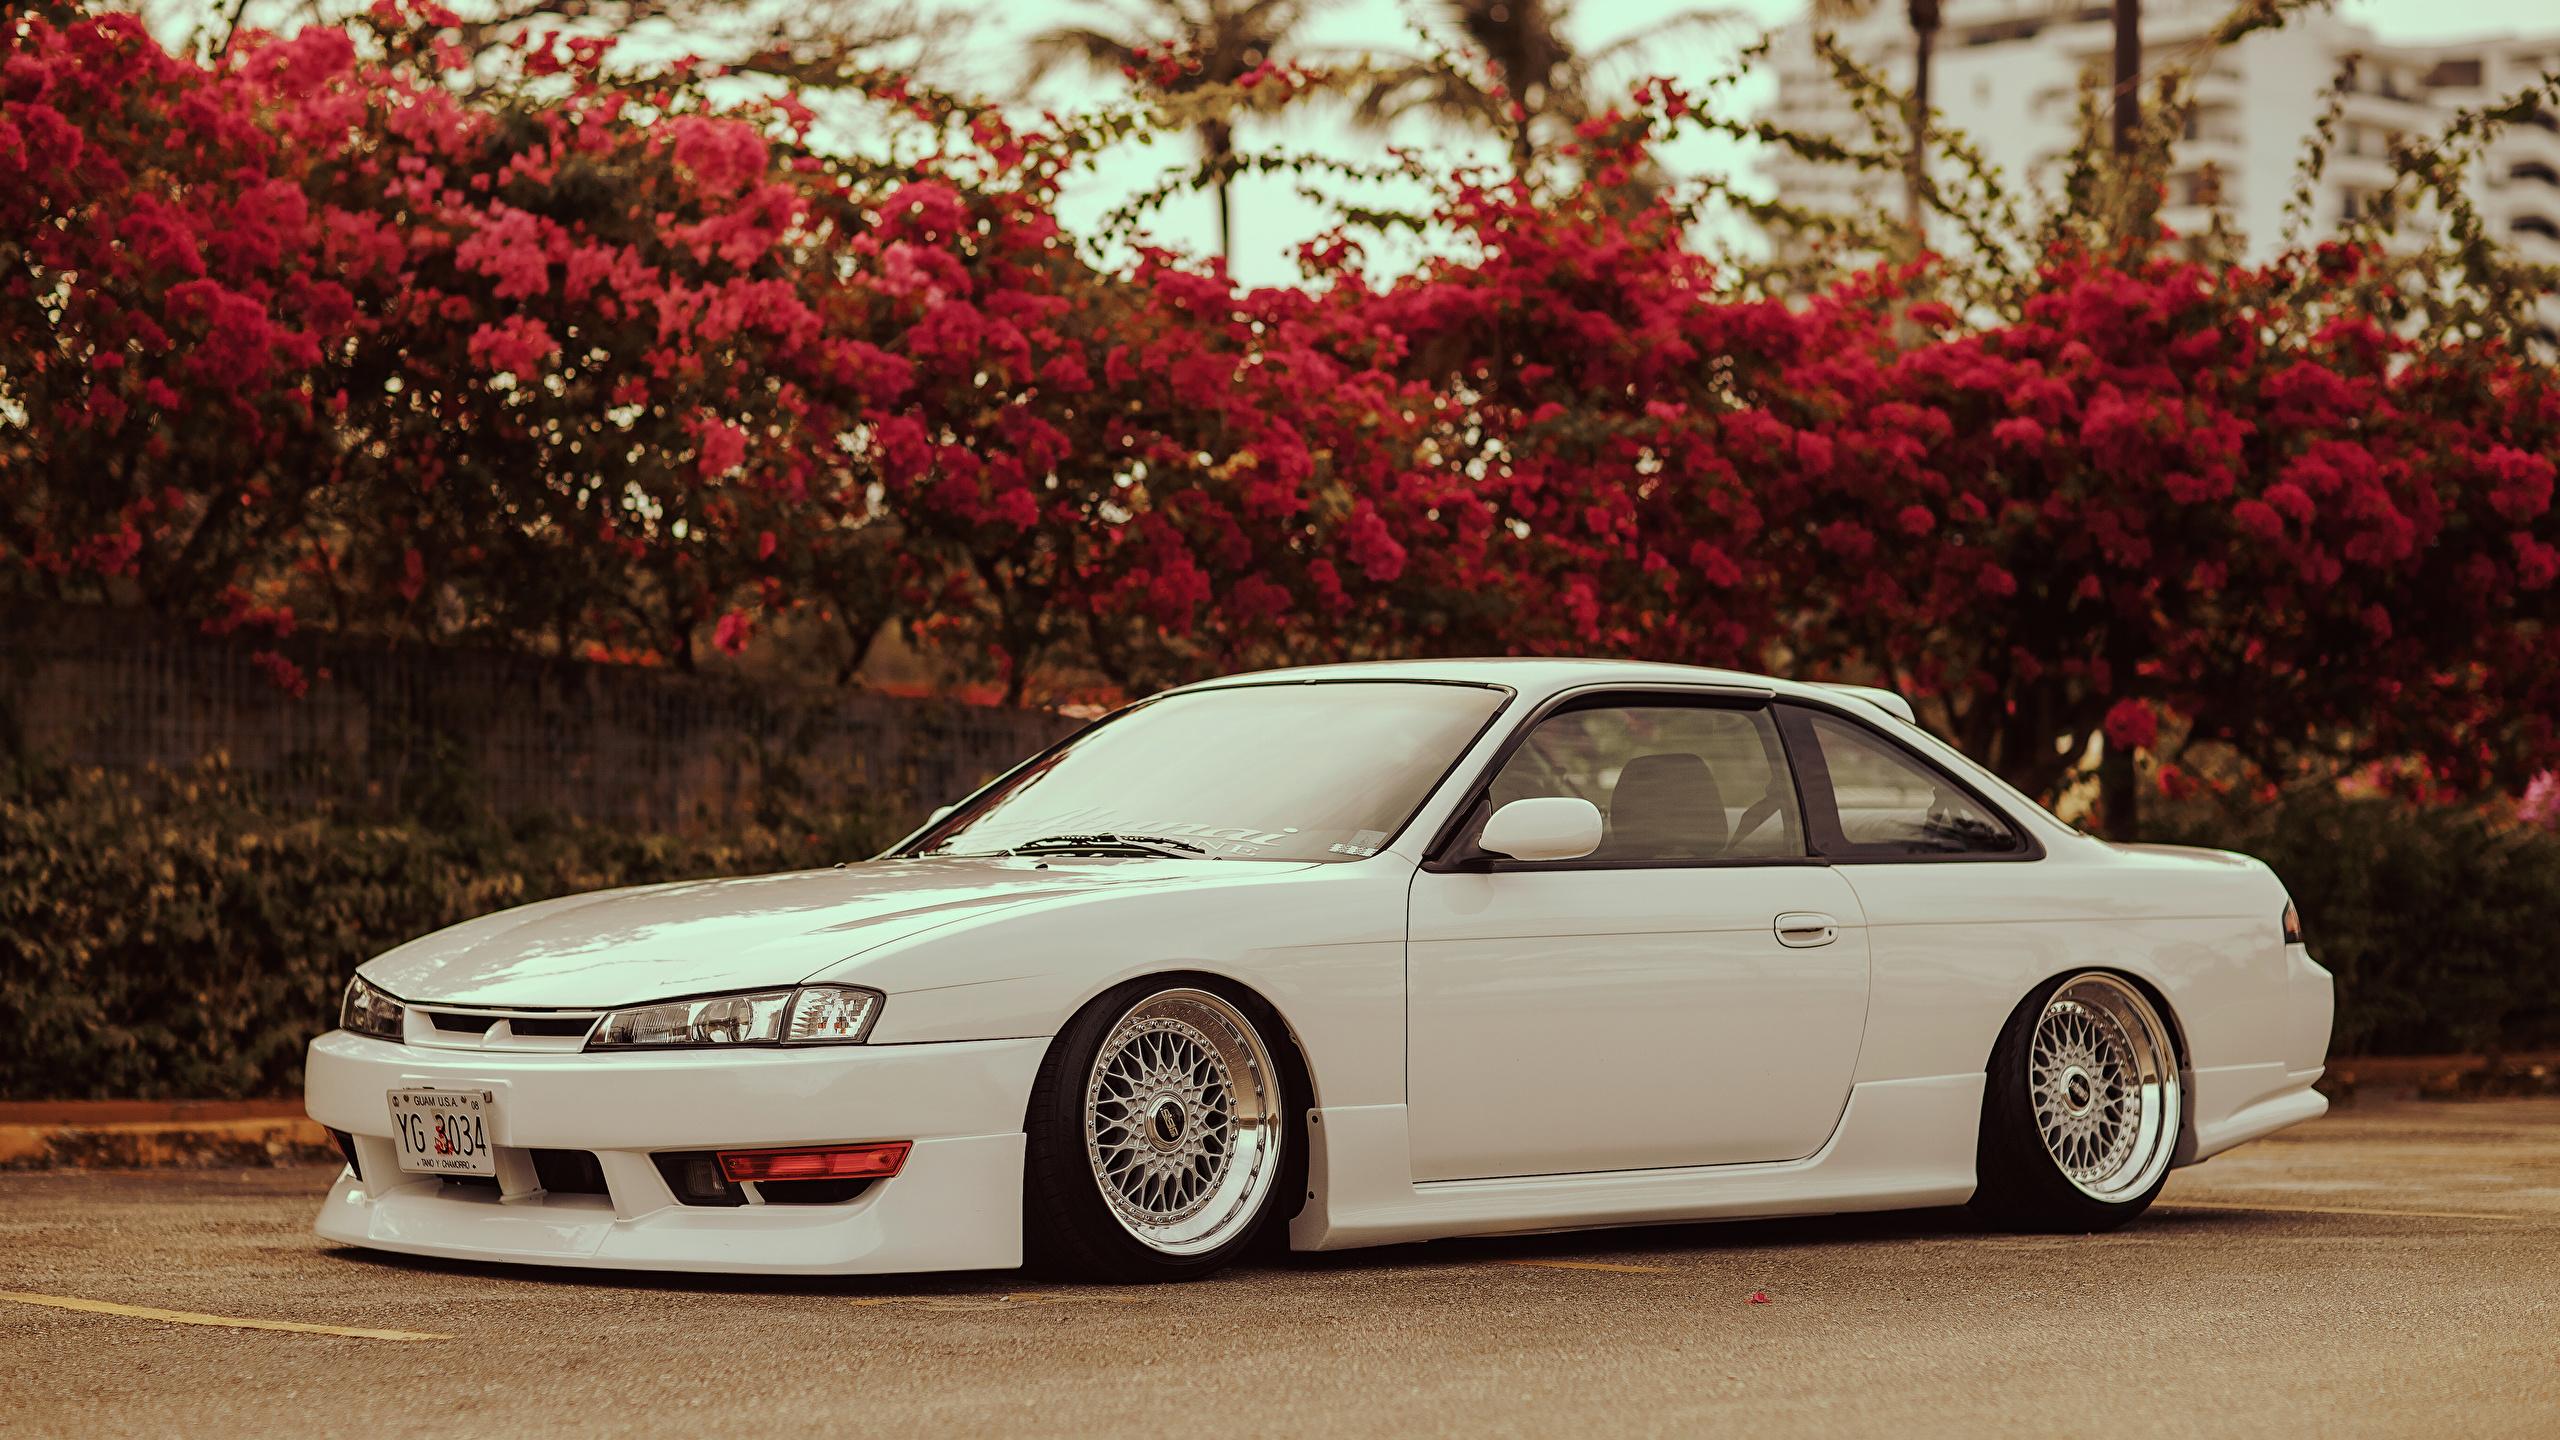 Papeis De Parede 2560x1440 Nissan Silvia S14 Stance Lateralmente Branco Carros Baixar Imagens